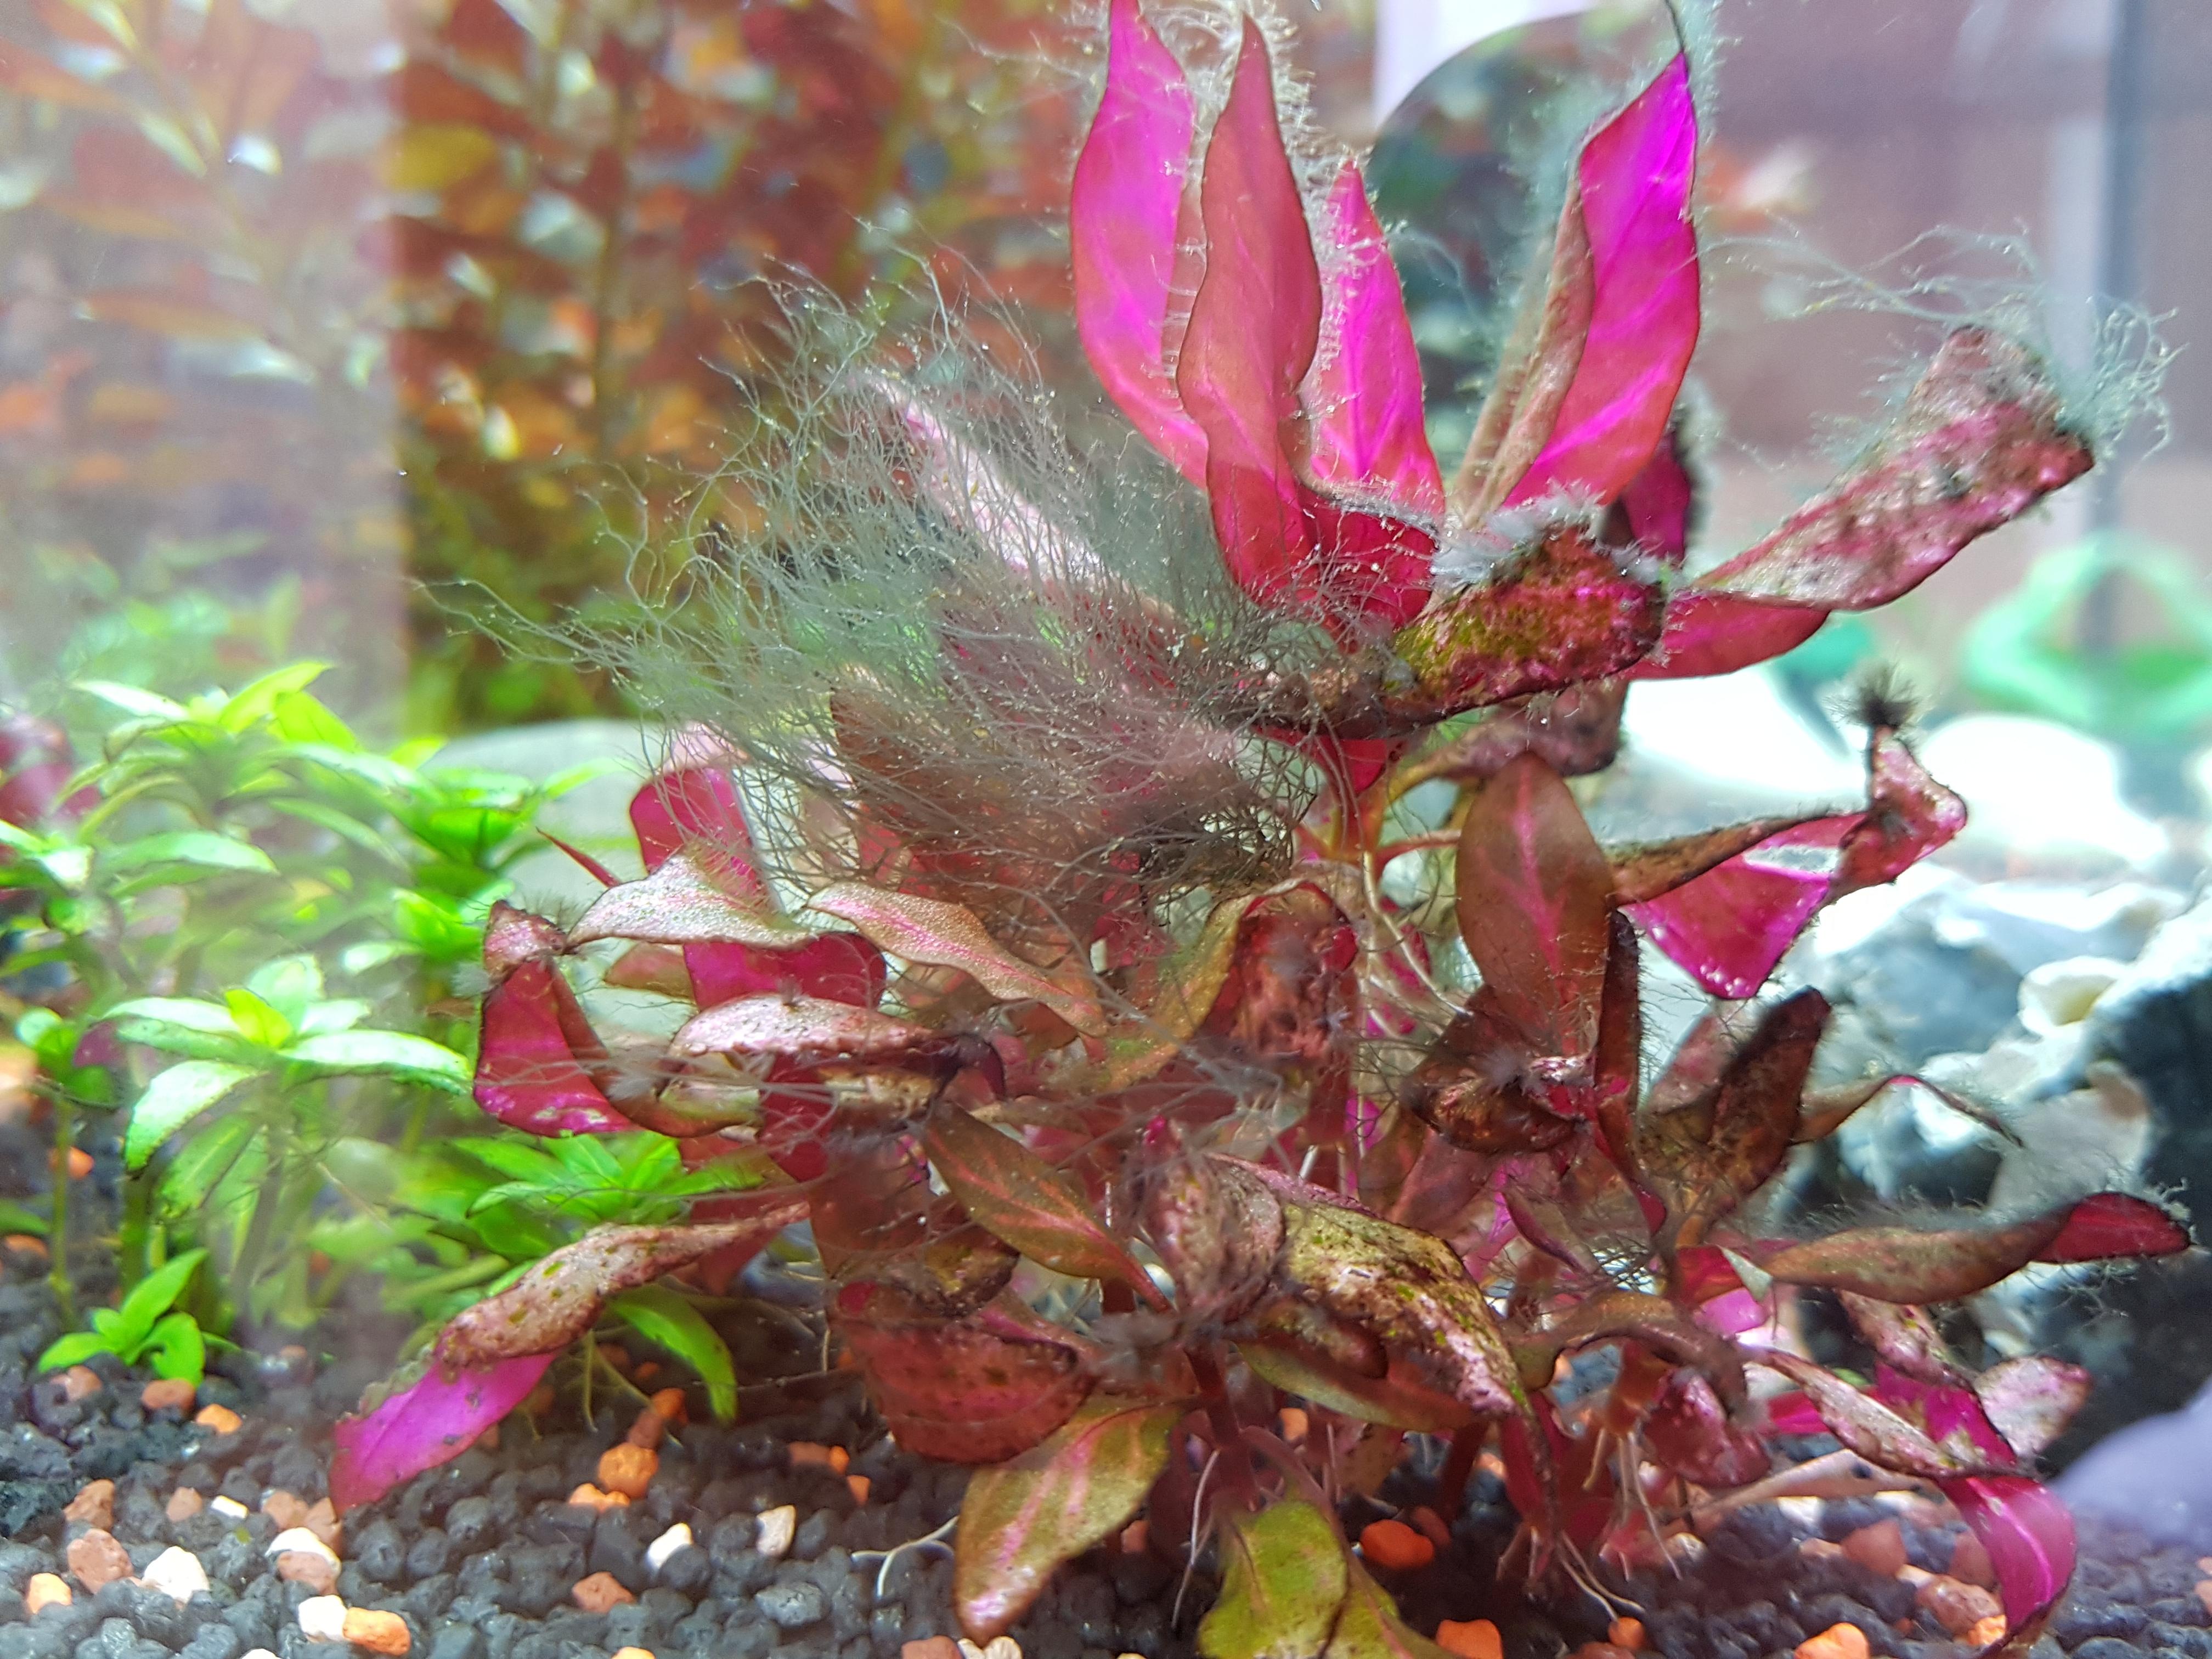 Aquarium pflanzen wer weiss for Aquarium pflanzen